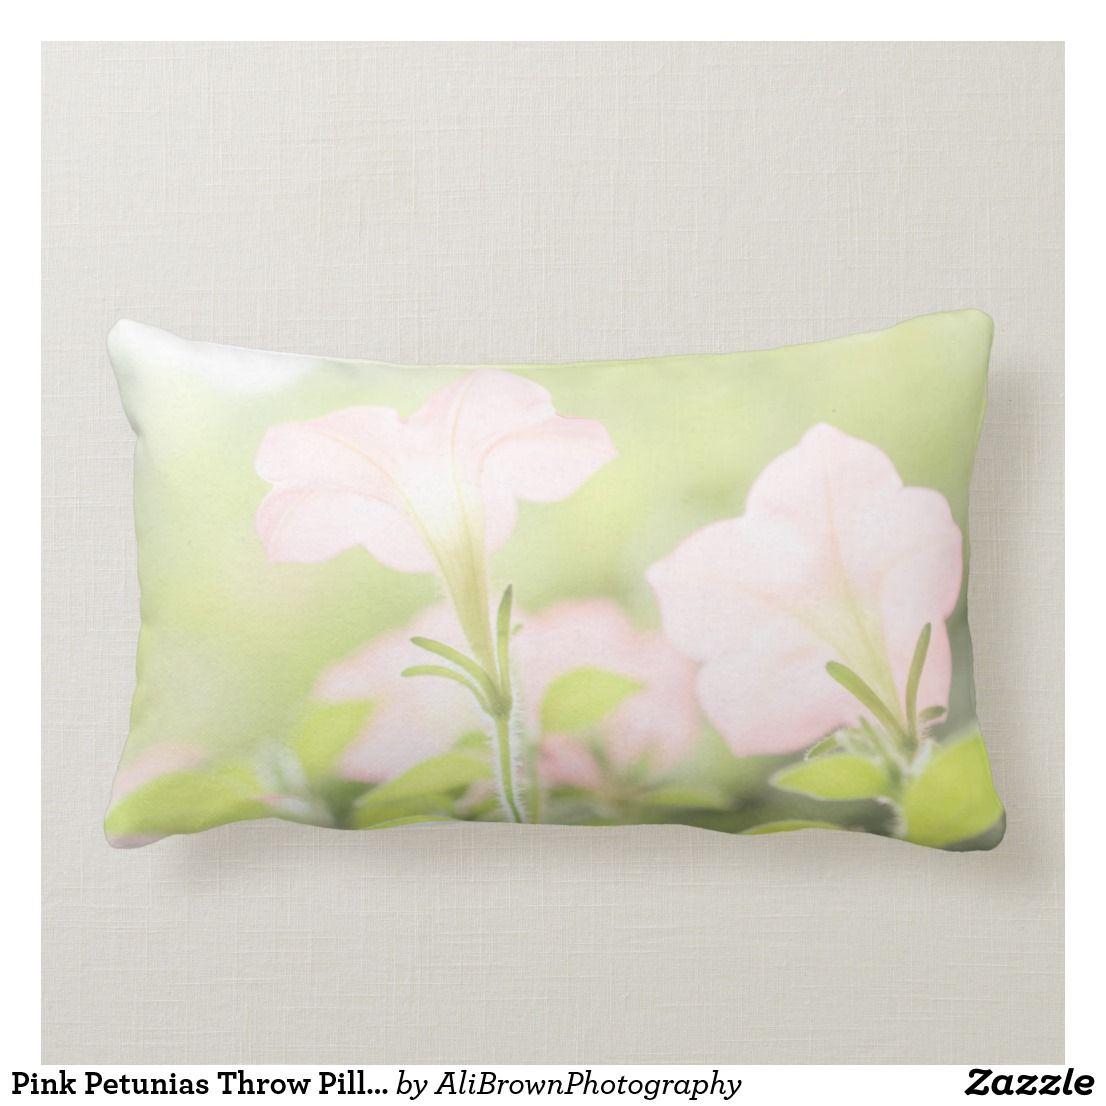 Pink Petunias Throw Pillow Floral Home Decor Lumbar Pillow Zazzle Com Throw Pillows Pillows Floral Pillows